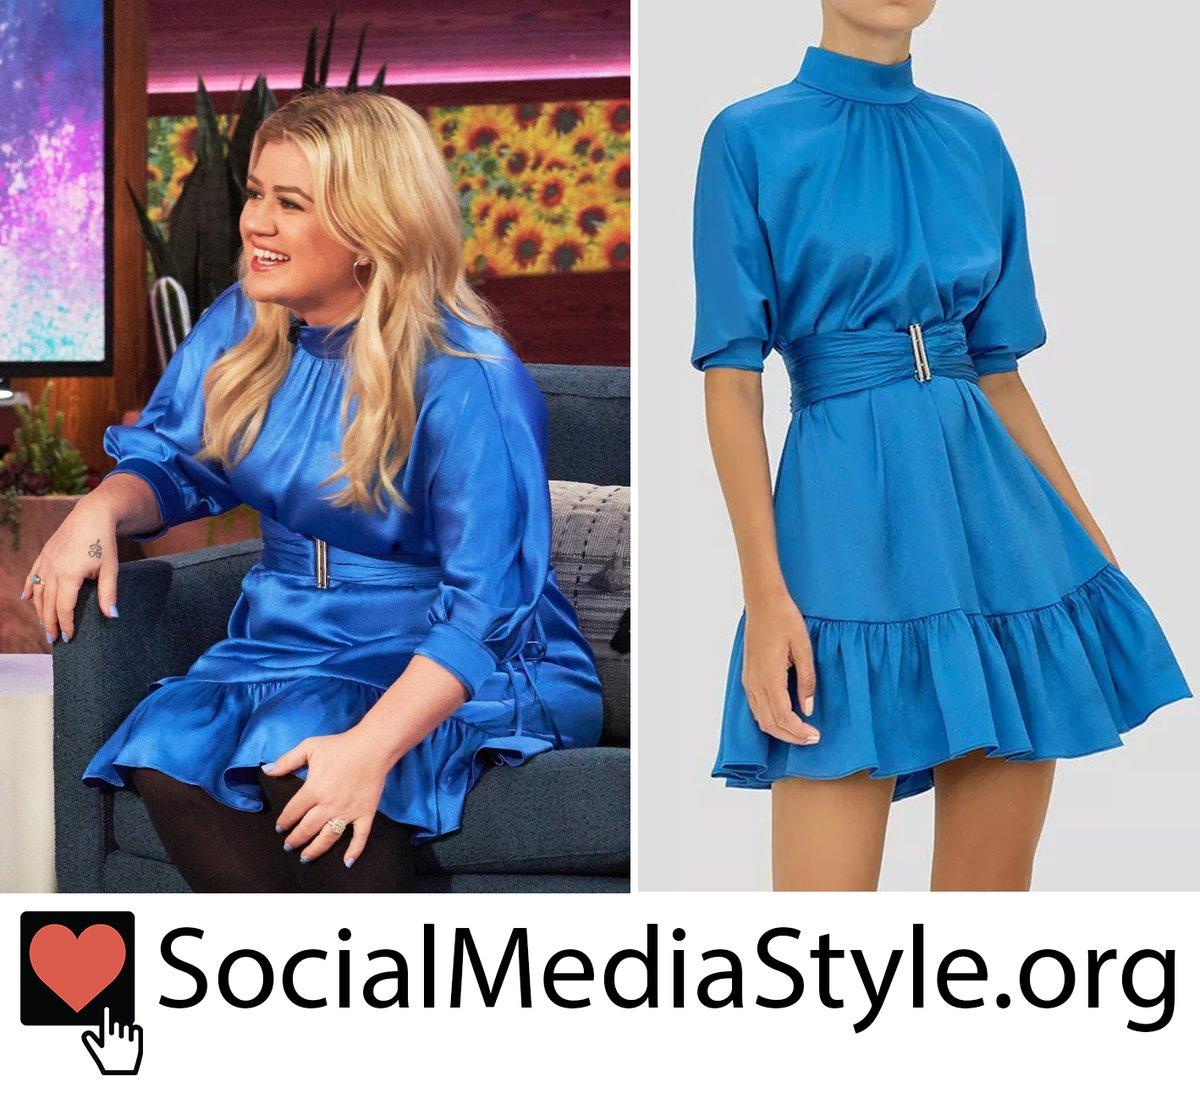 Buy @kellyclarkson's blue dress from @KellyClarksonTV here:  #TheKellyClarksonShow #KellyClarksonShow #KellyClarkson #bluedress #Alexis